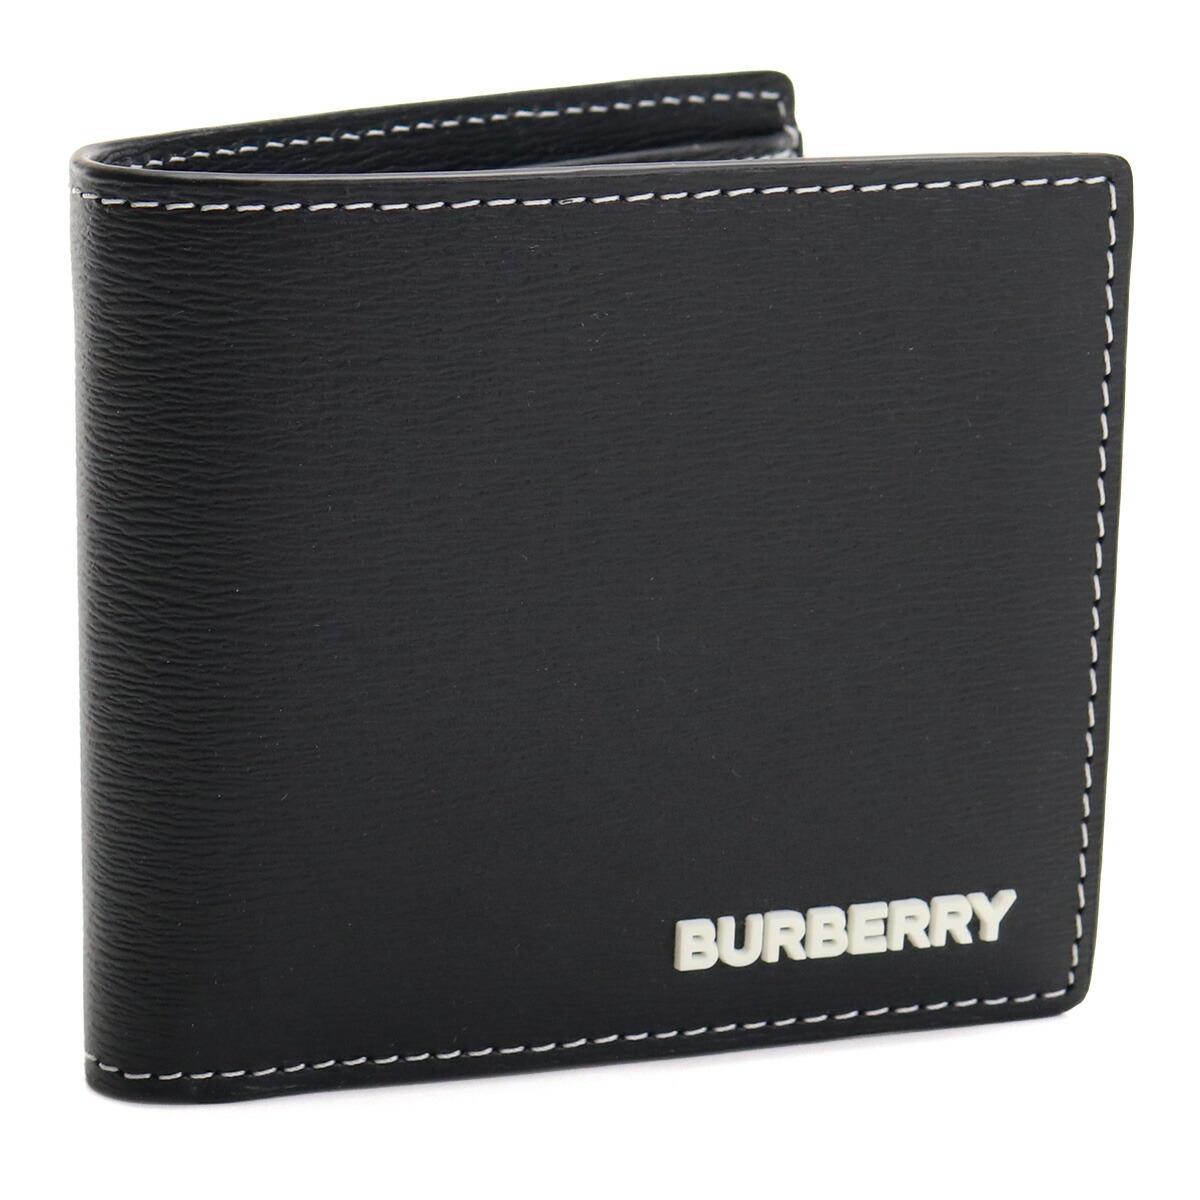 バーバリー BURBERRY 二折財布小銭入付き 8032484 A1189 BLACK ブラック メンズ